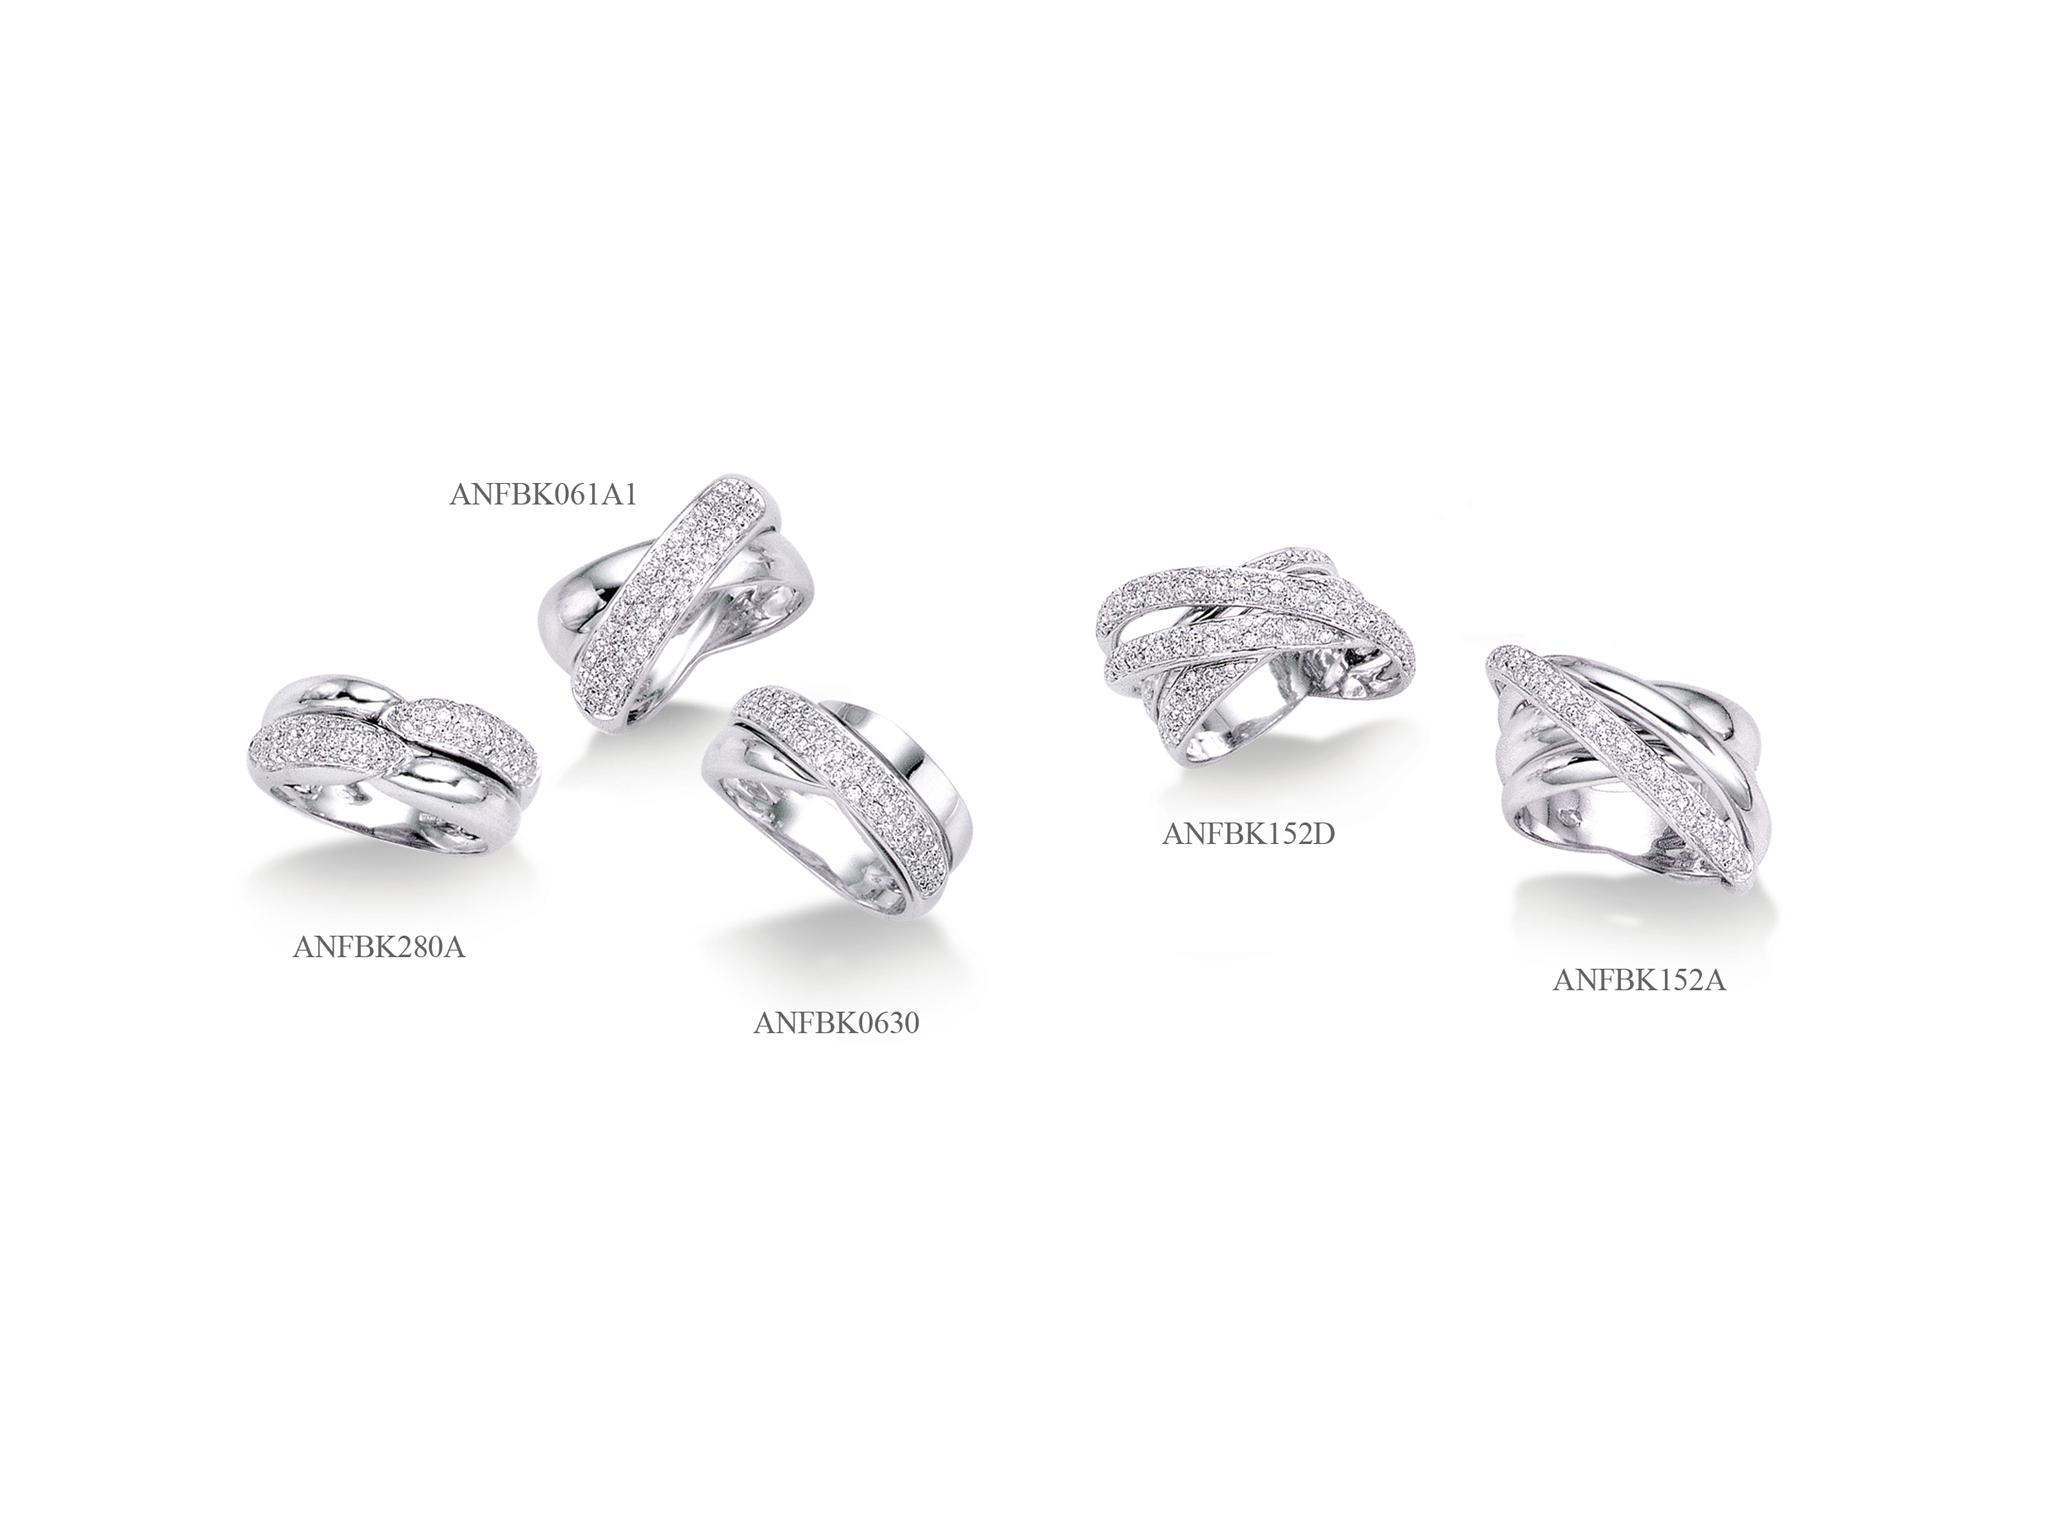 diamanti_pagina_21_app